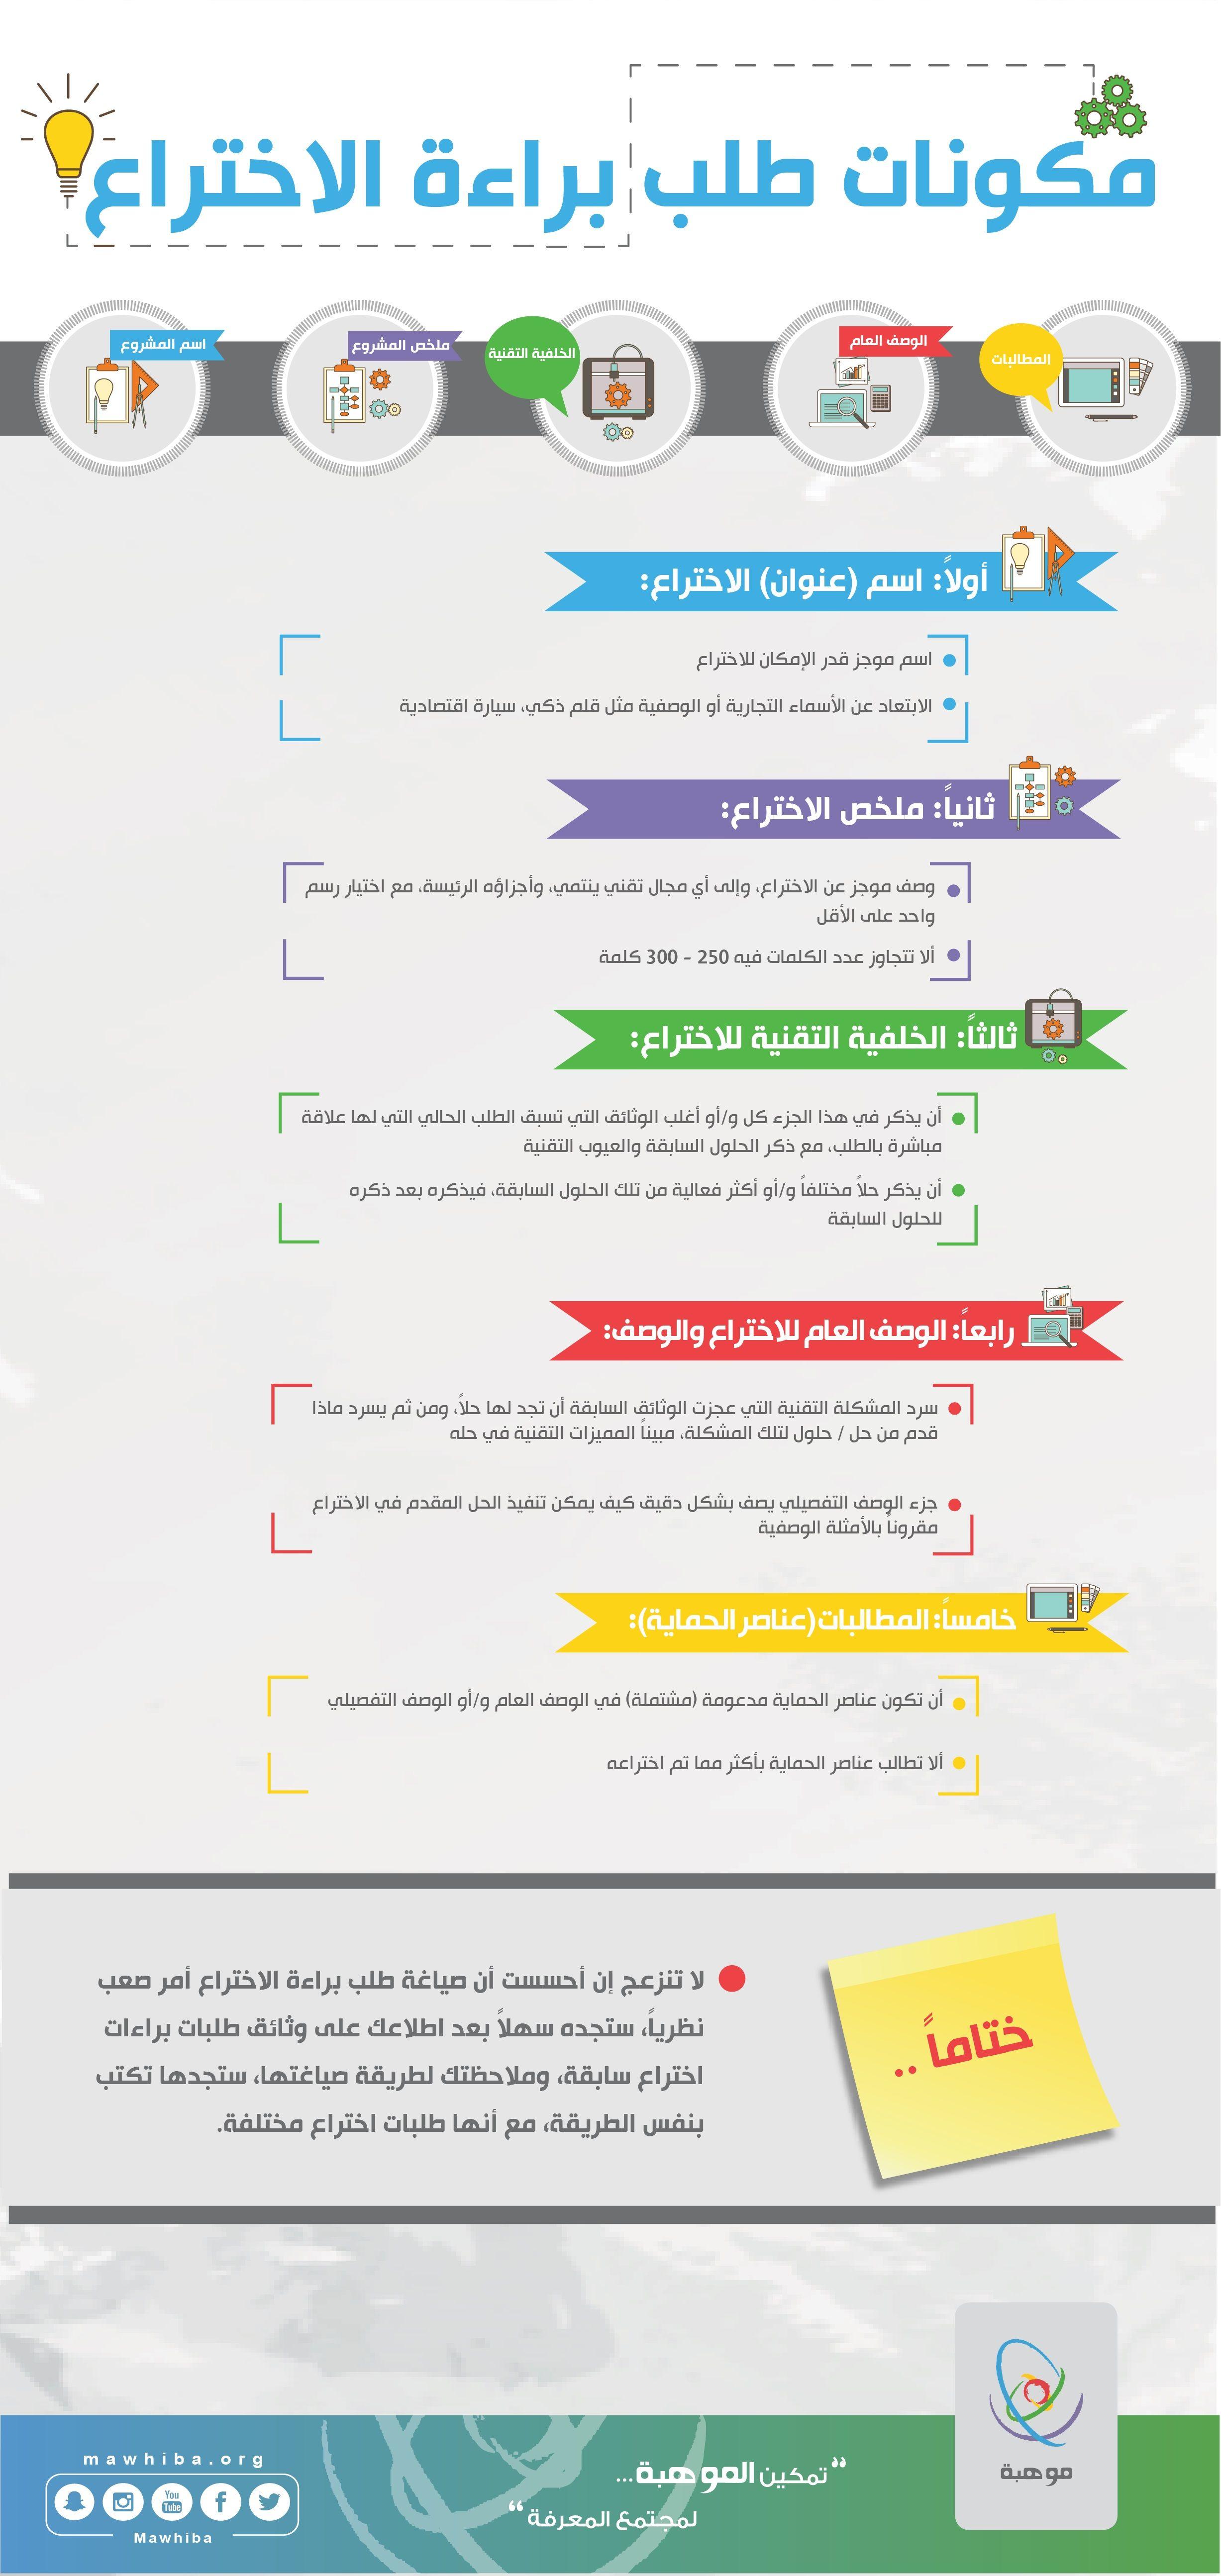 مكونات طلب براءة الإختراع معارف للتعليم مدارس الفيصلية وزارة التعليم موهبة الأسبوع الوطني للموهبة والإبداع الخبر السعودية Lalic Lol Map